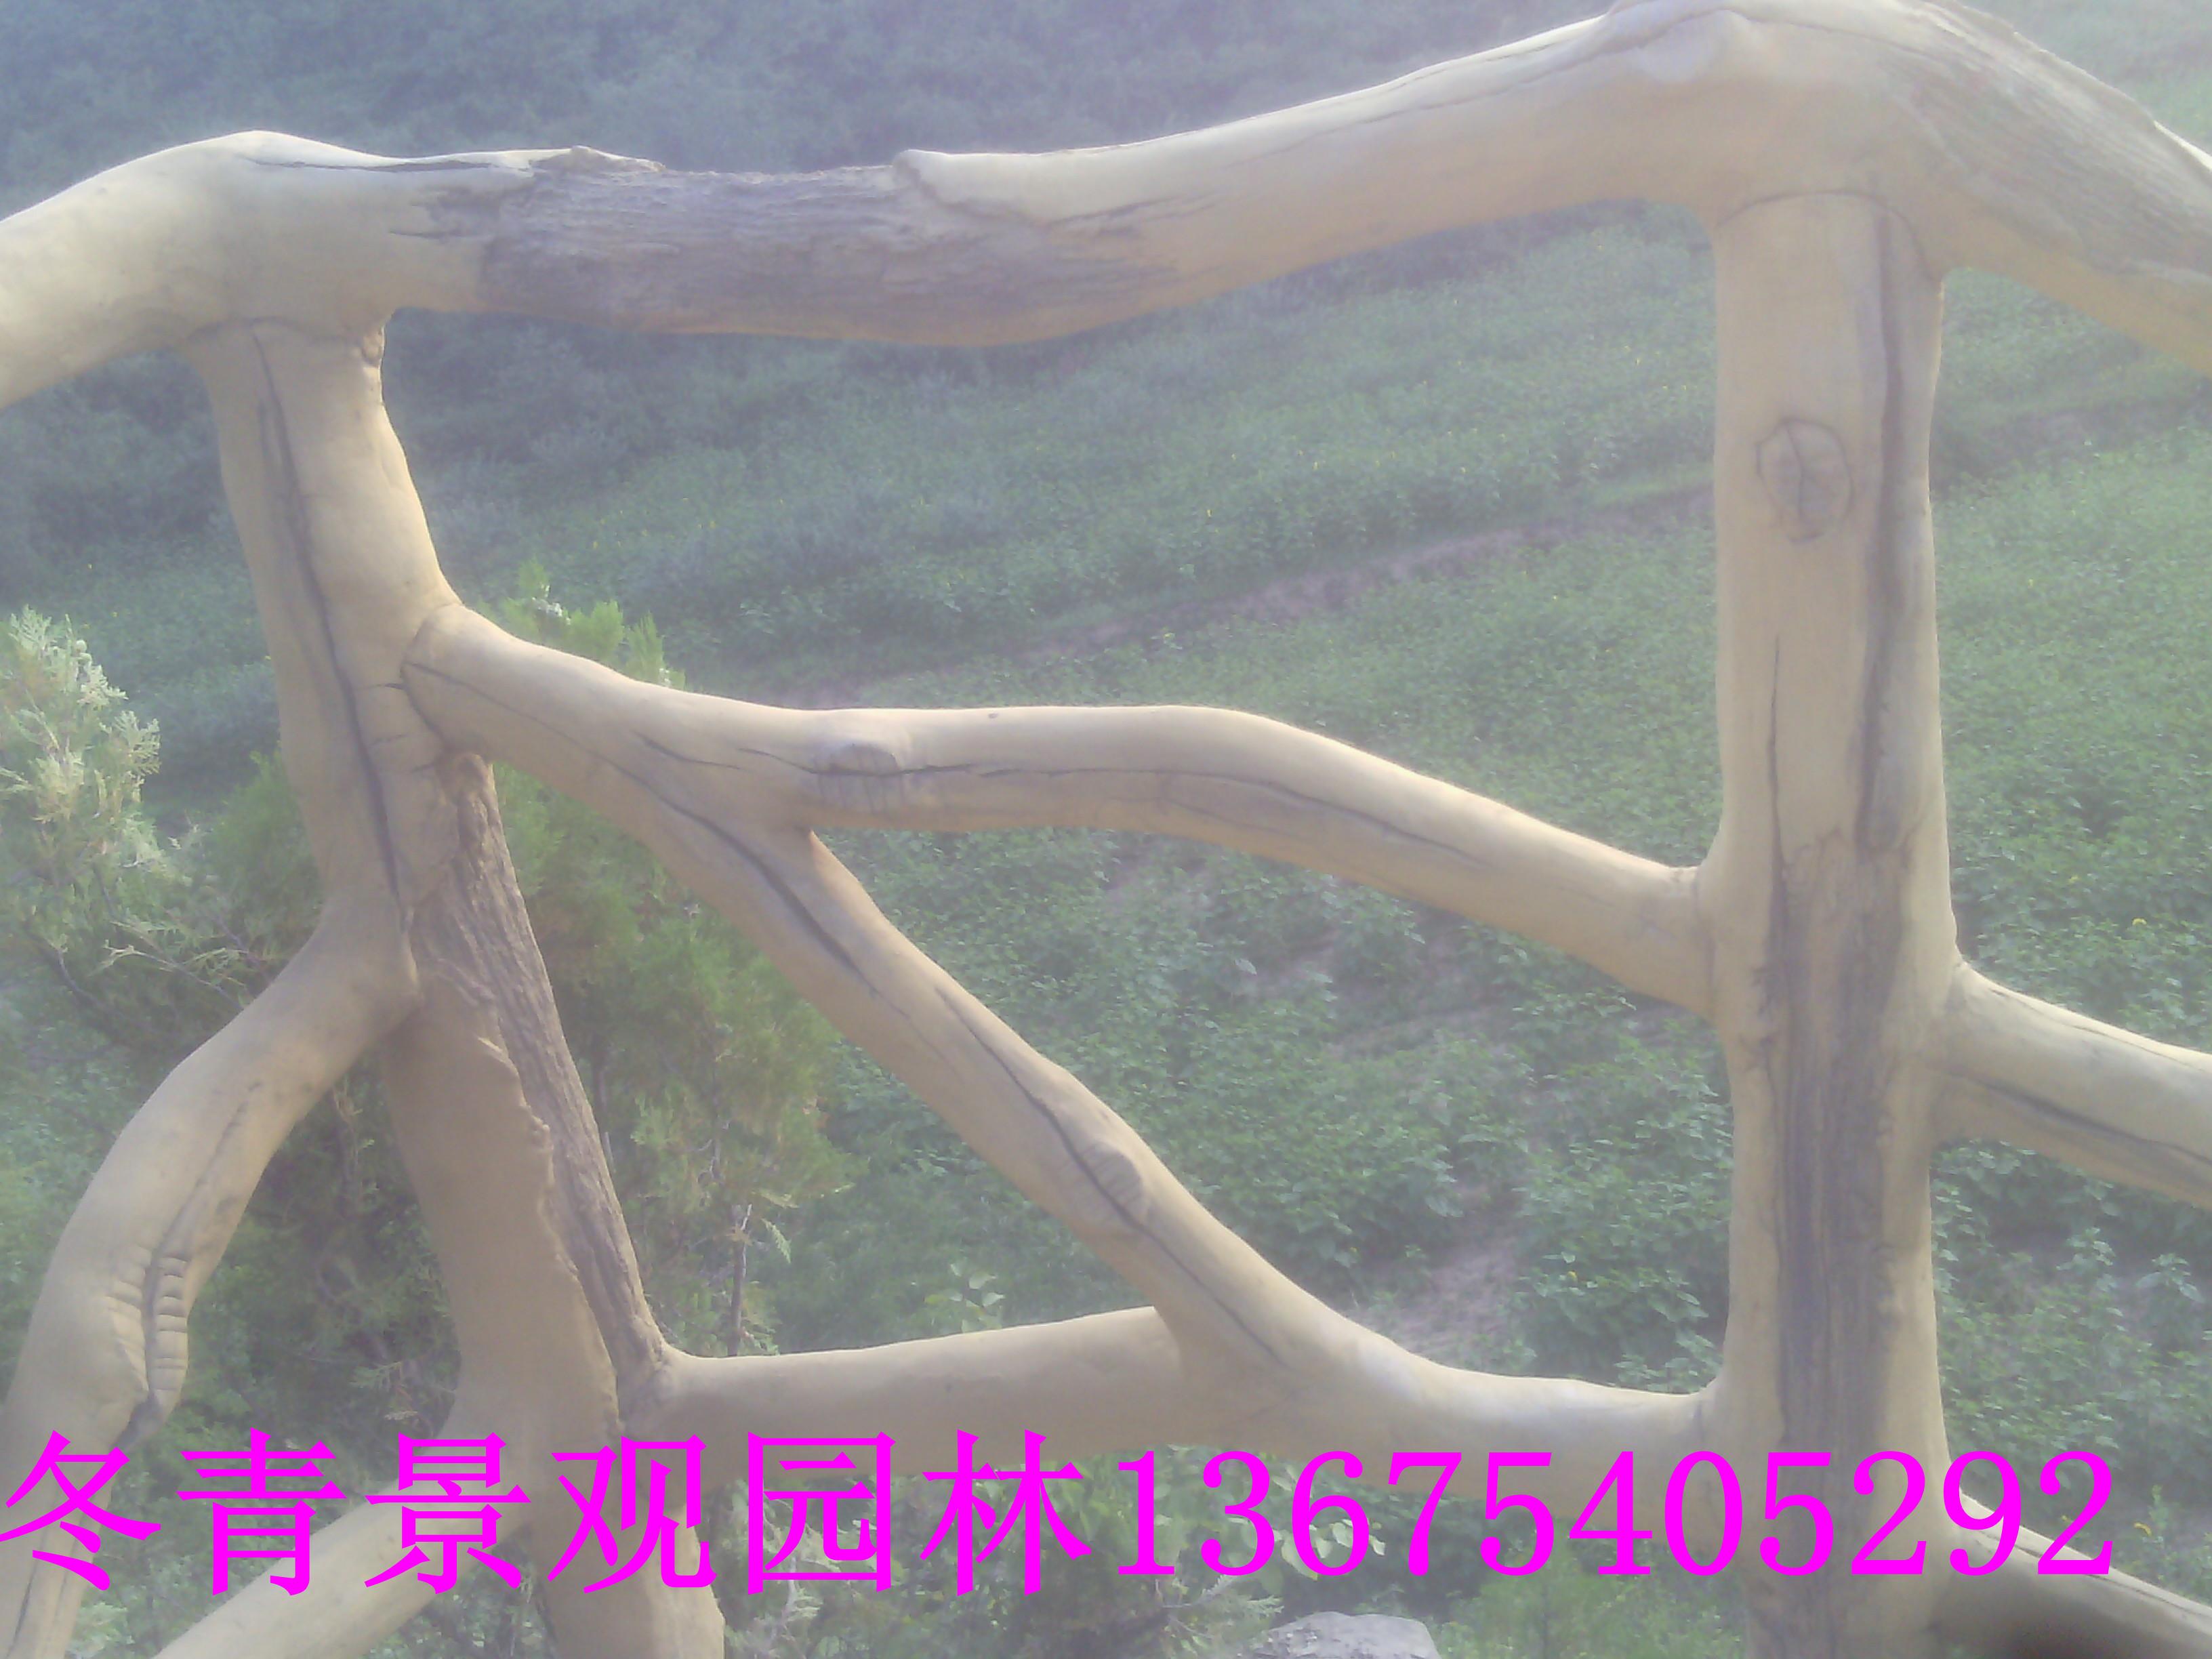 供应潍坊哪里有做优质仿木护栏批发价格,仿木护栏图片,仿木护栏现厂制作,